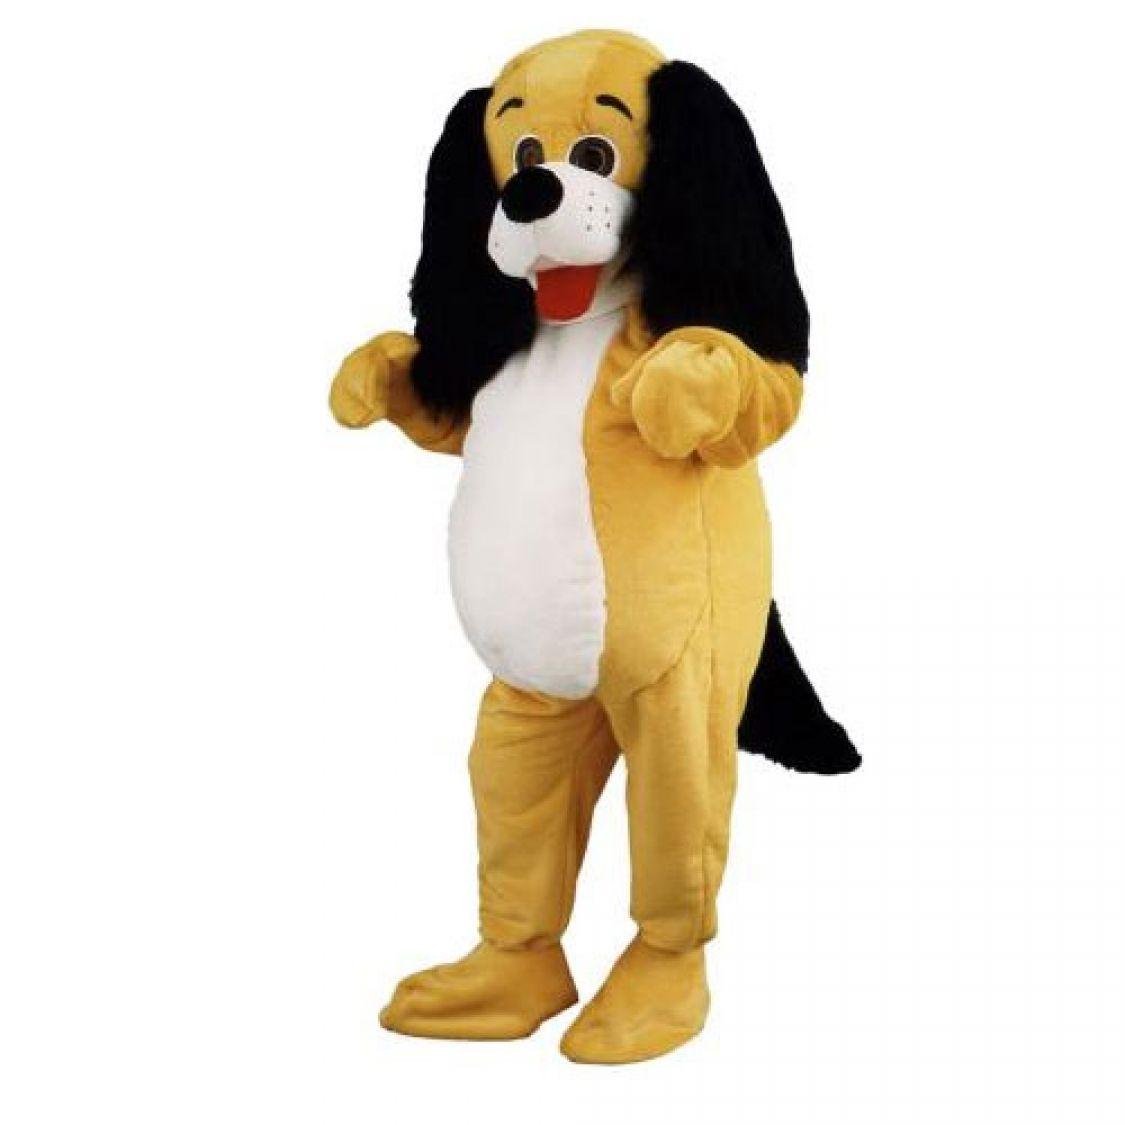 D guisement mascotte chien - Deguisement halloween chien ...